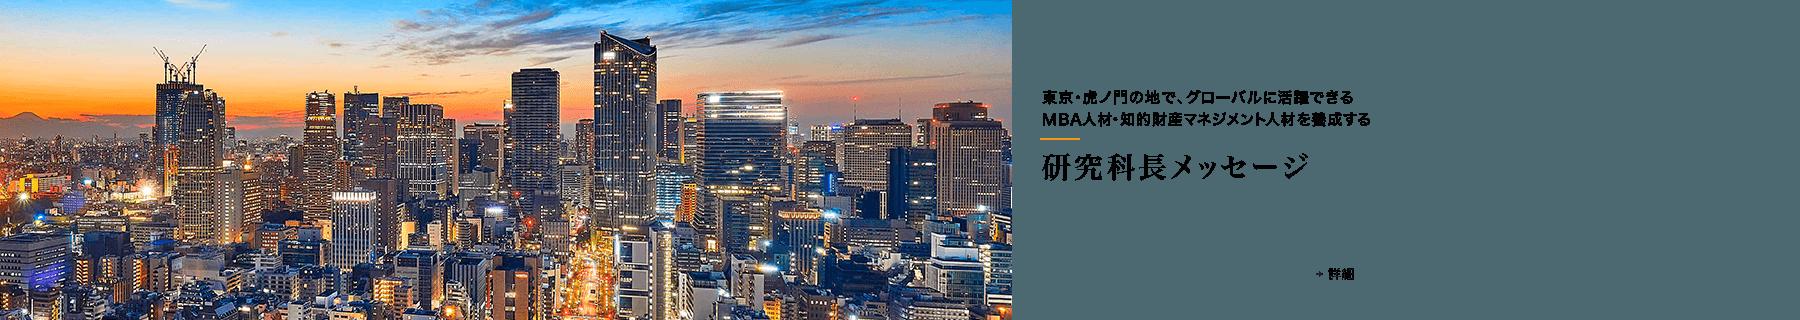 東京・虎ノ門の地で、グローバルに活躍できるMBA人材・知的財産マネジメント人材を養成する 研究科長メッセージ